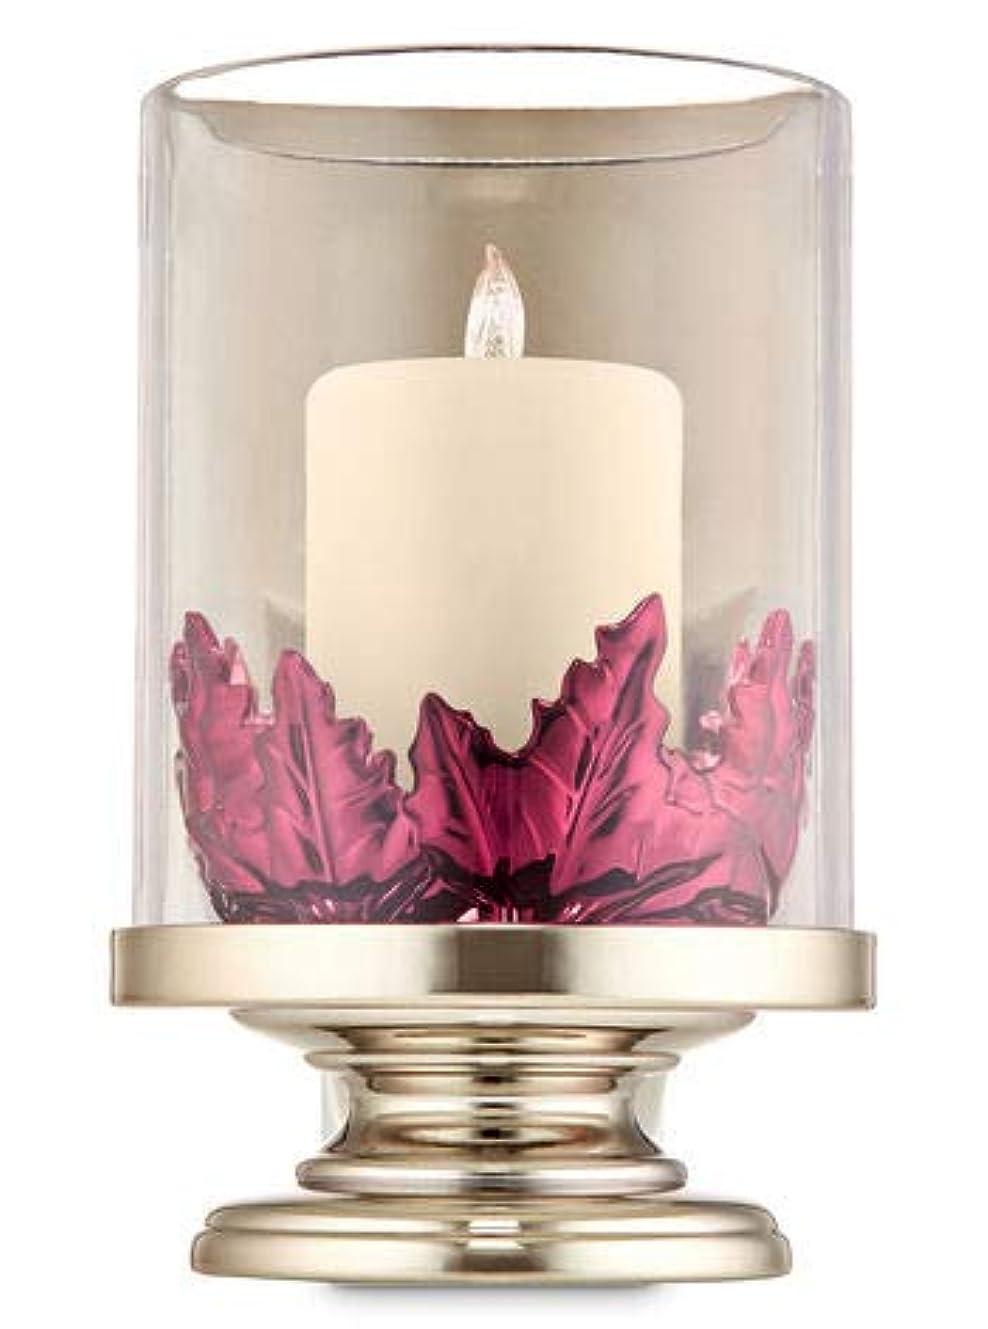 判読できない熟練した予言する【Bath&Body Works/バス&ボディワークス】 ルームフレグランス プラグインスターター (本体のみ) ピラーキャンドル with リーブス ナイトライト Wallflowers Fragrance Plug Pillar Candle with Leaves Night Light [並行輸入品]